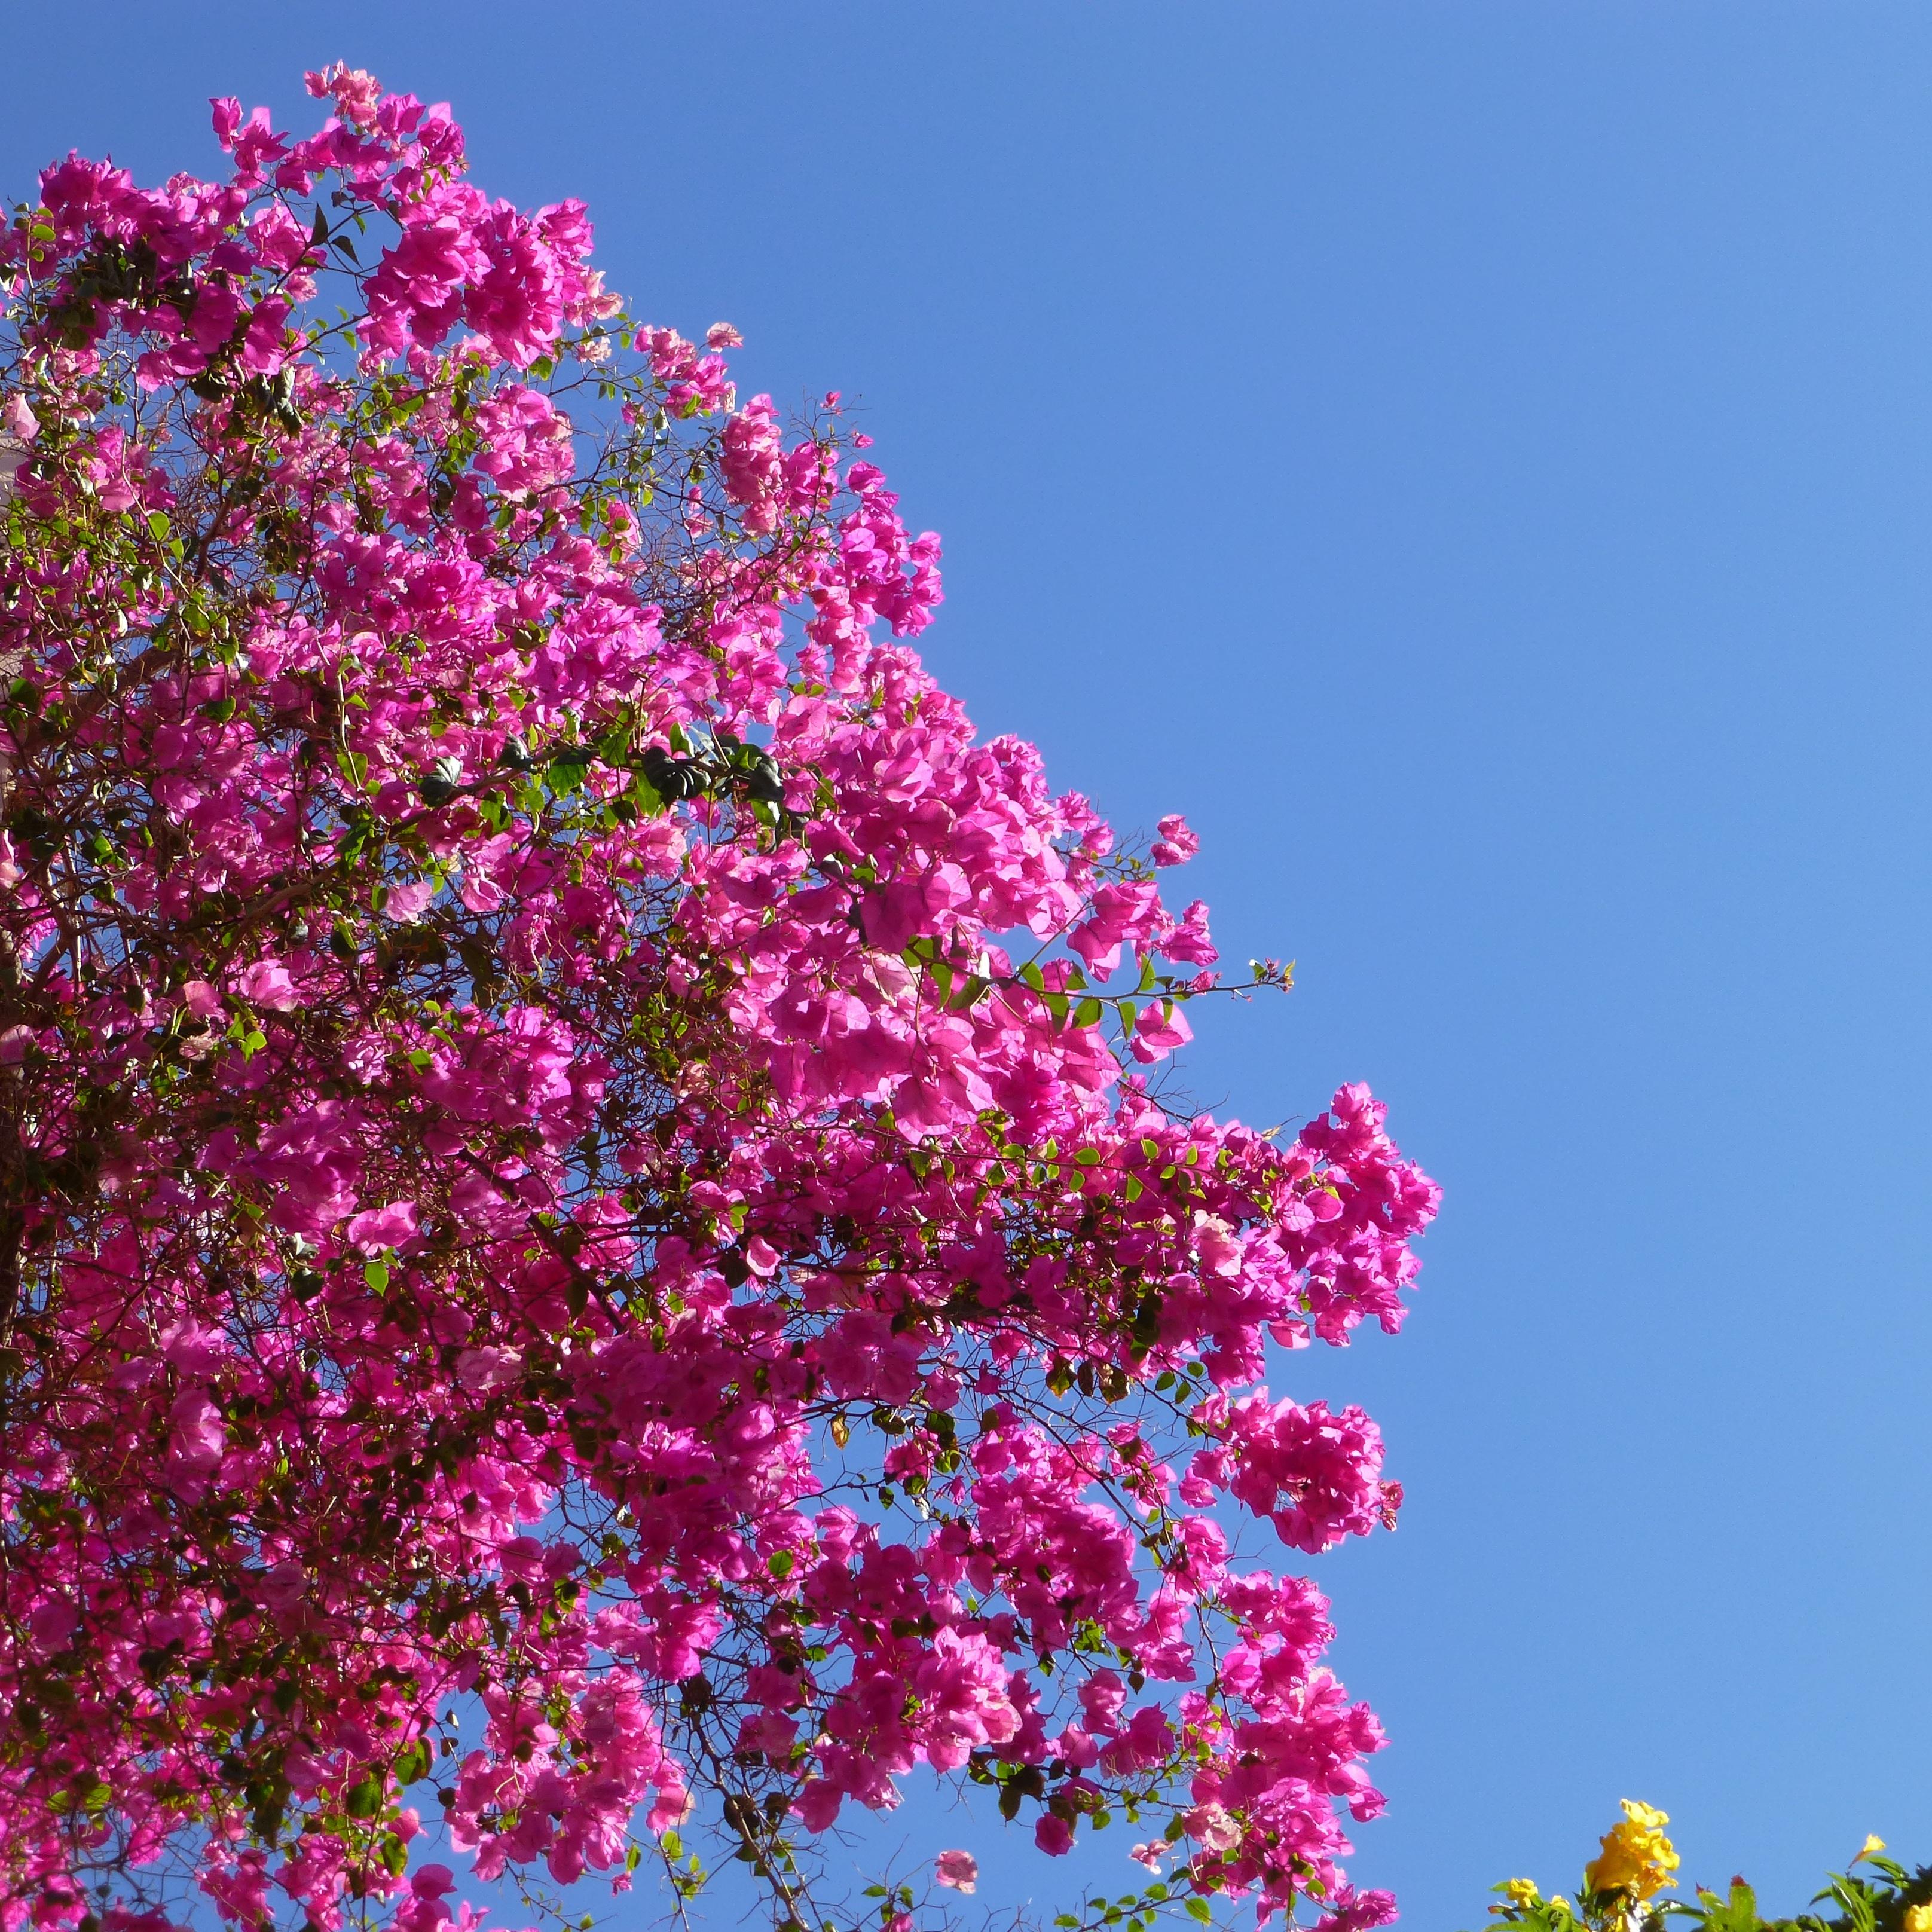 Bougainville Fleur dedans images gratuites : mer, arbre, branche, fleur, ciel, soleil, été